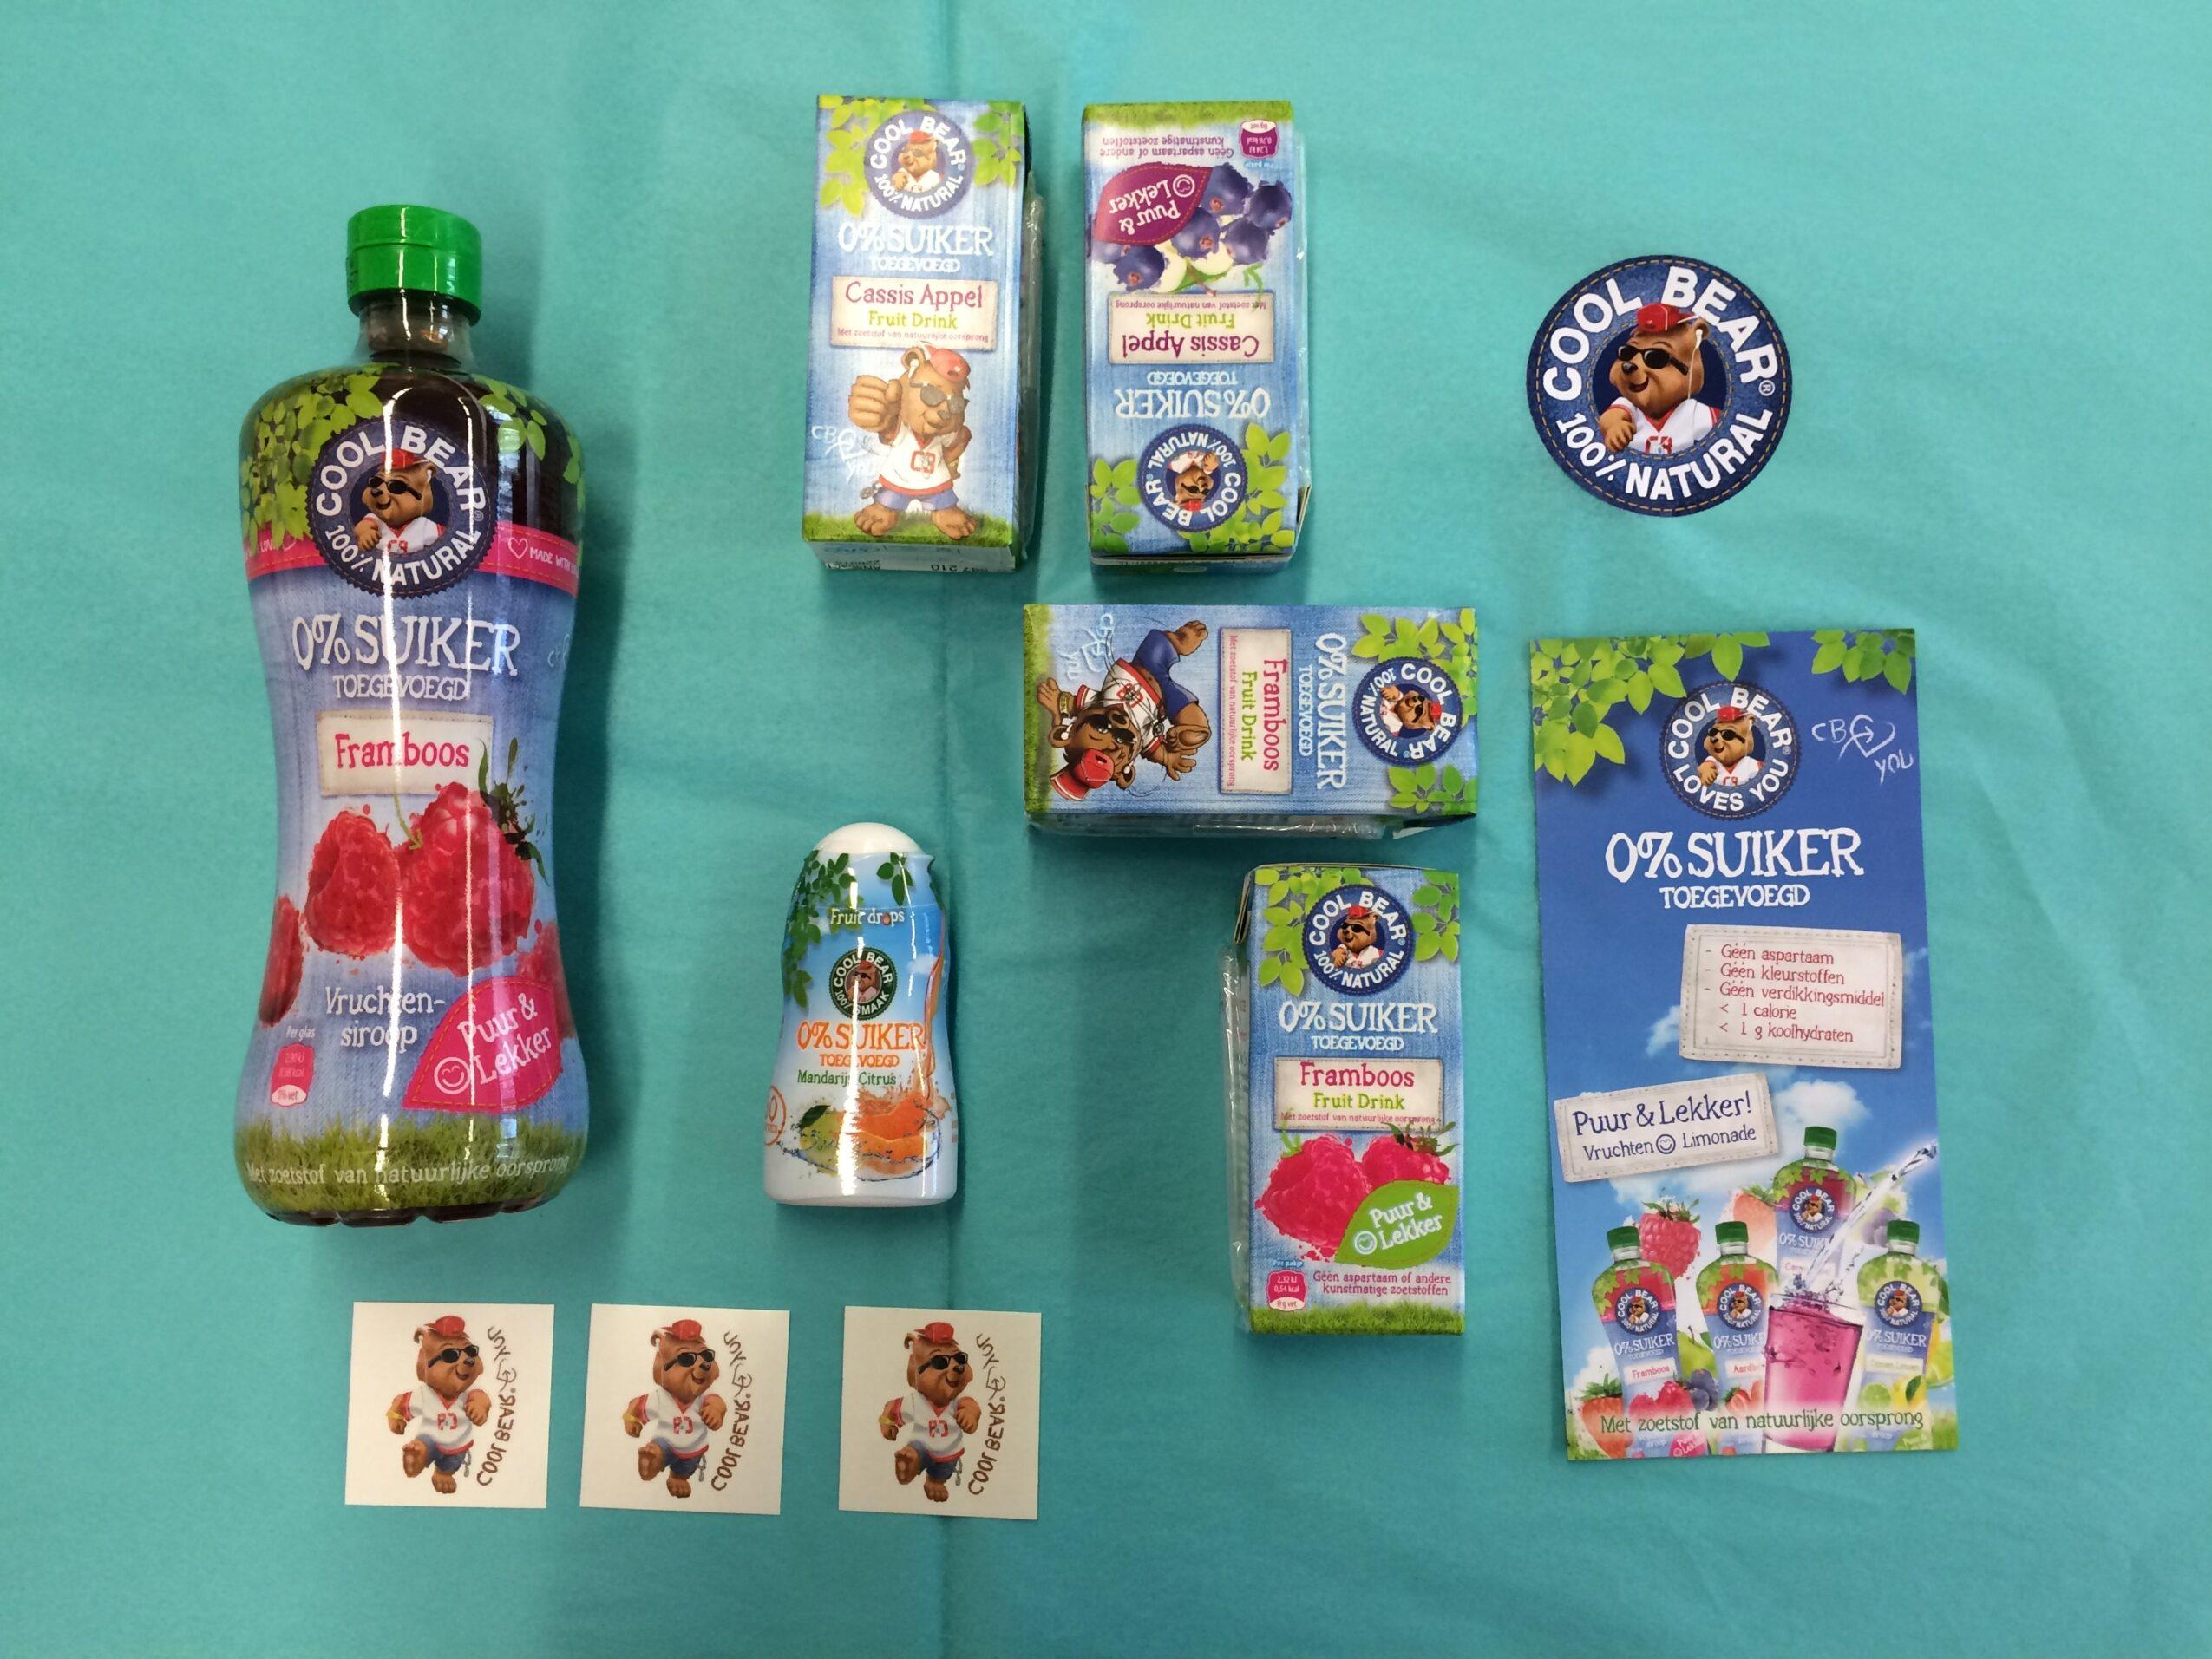 WIN Limonadepakket Cool Bear